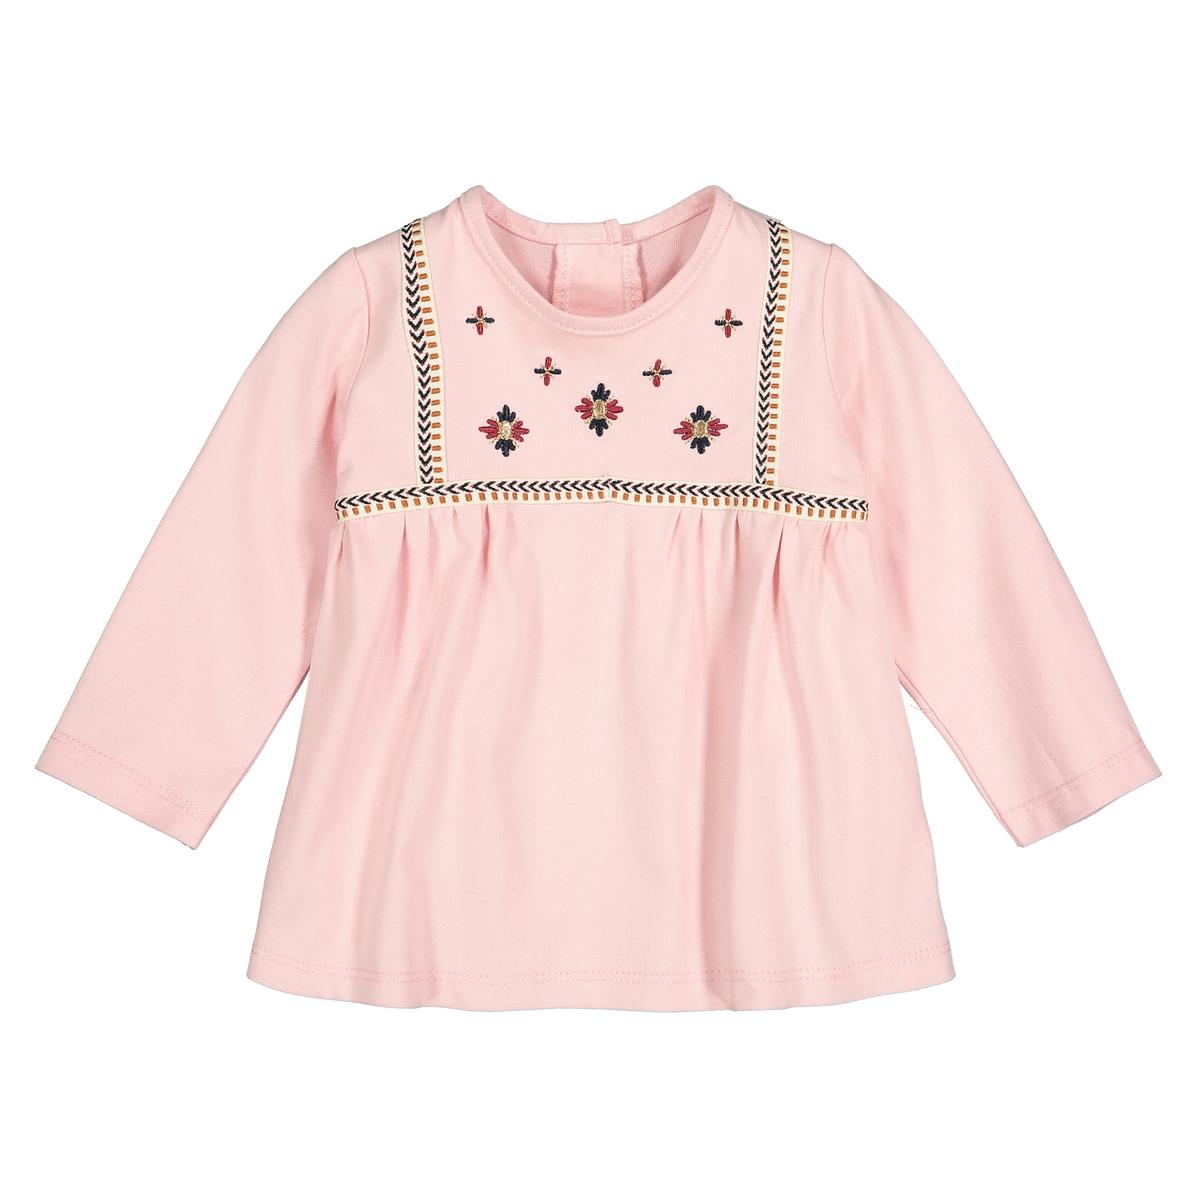 Футболка La Redoute С длинными рукавами с вышивкой мес- года 1 мес. - 54 см розовый футболка la redoute с длинными рукавами с вышивкой мес года 0 мес 50 см бежевый